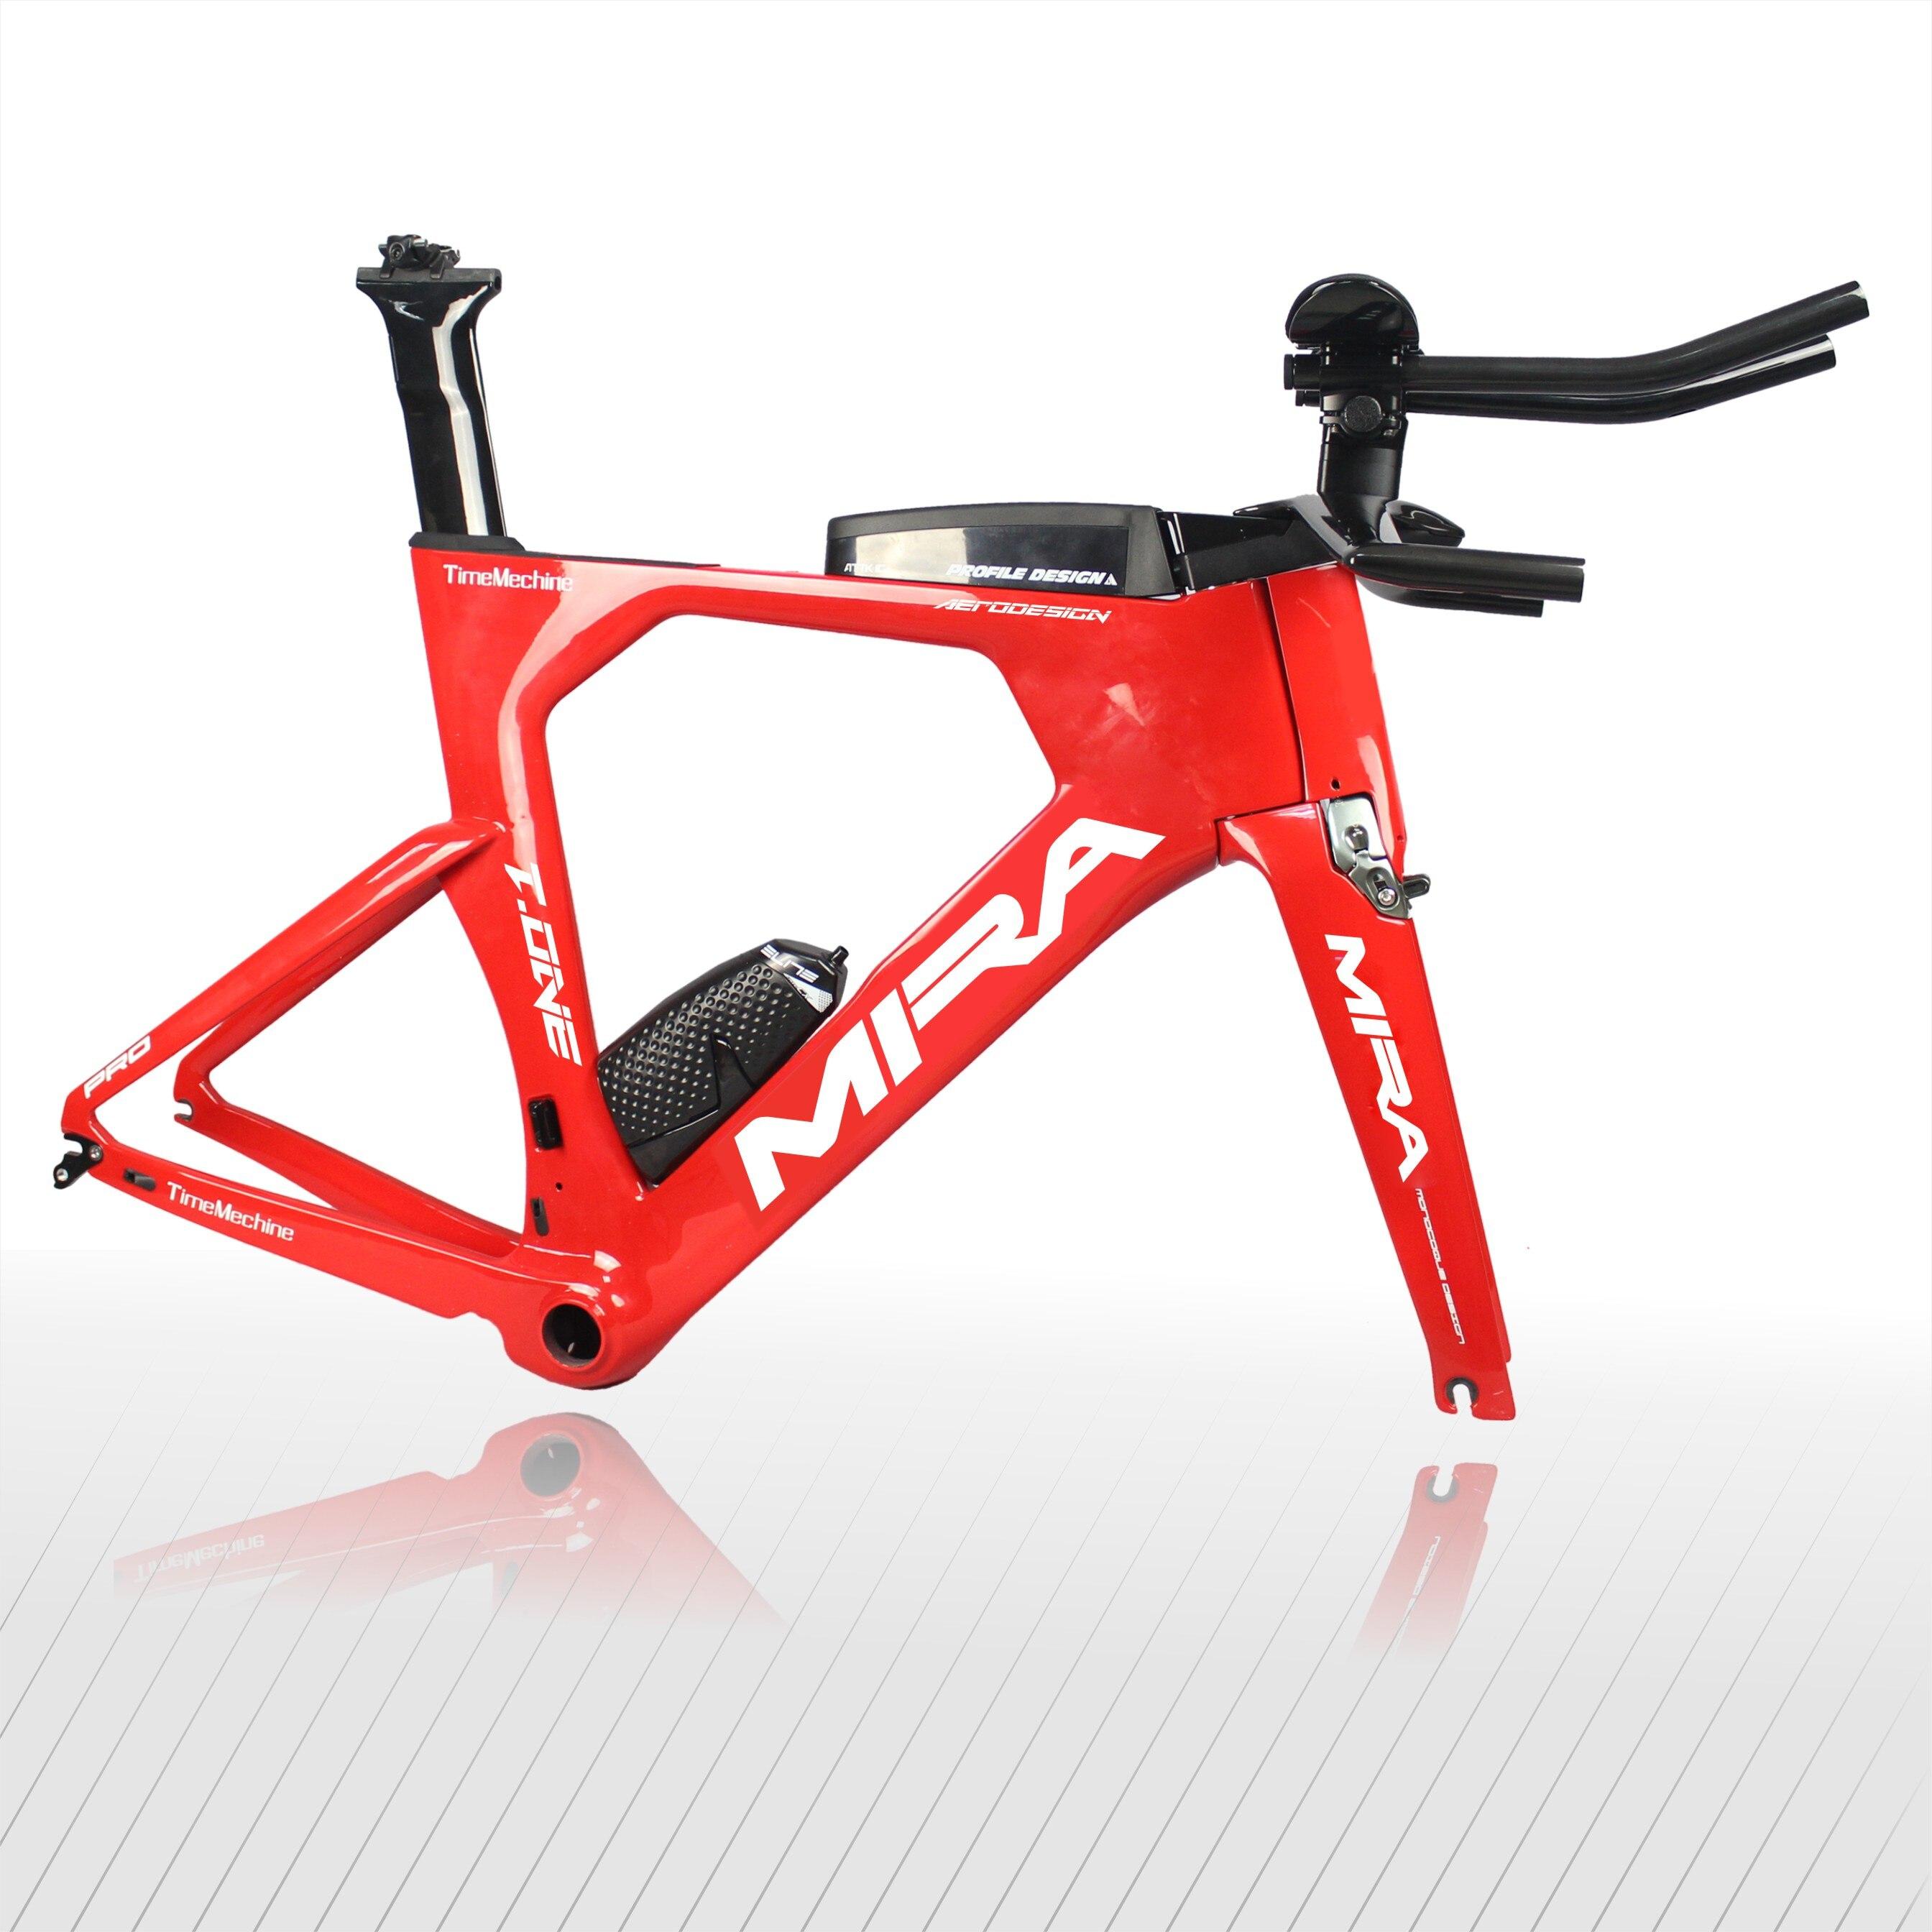 Carbone chinois tt cadre 700c contre la montre cadre meilleure qualité TT vélo cadre T-ONE